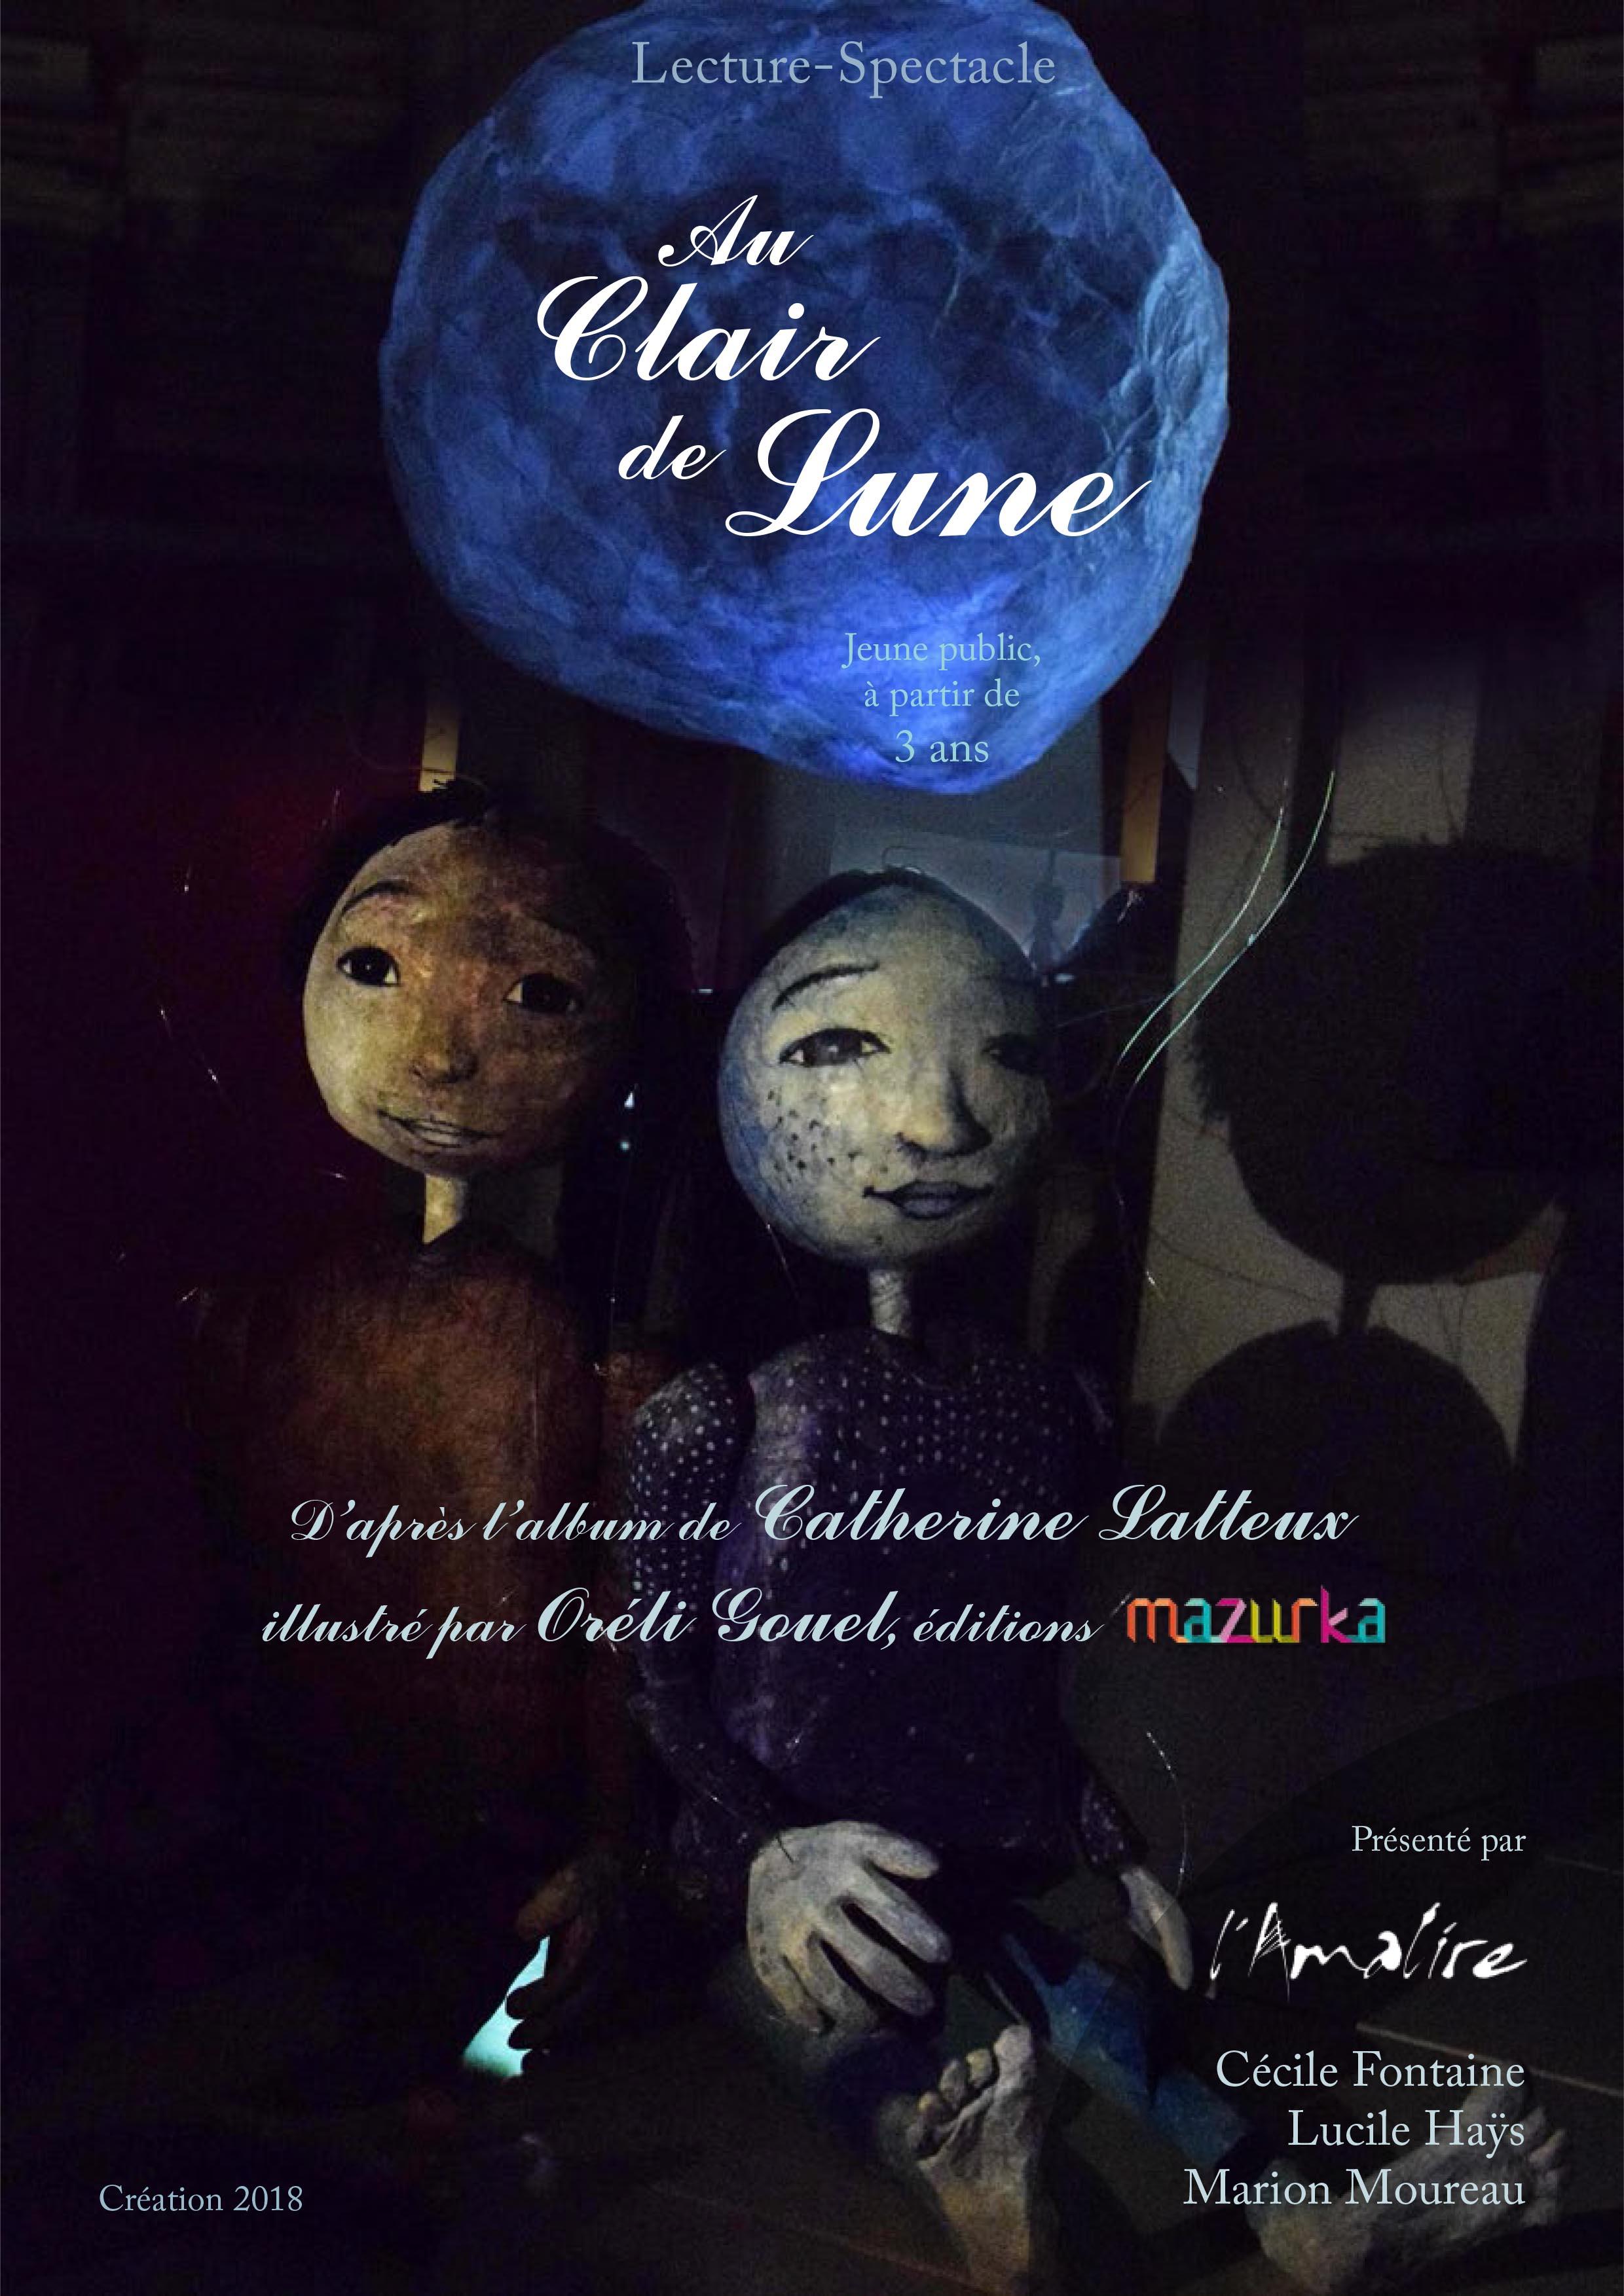 Lecture-Spectacle Au Clair de Lune - Affiche